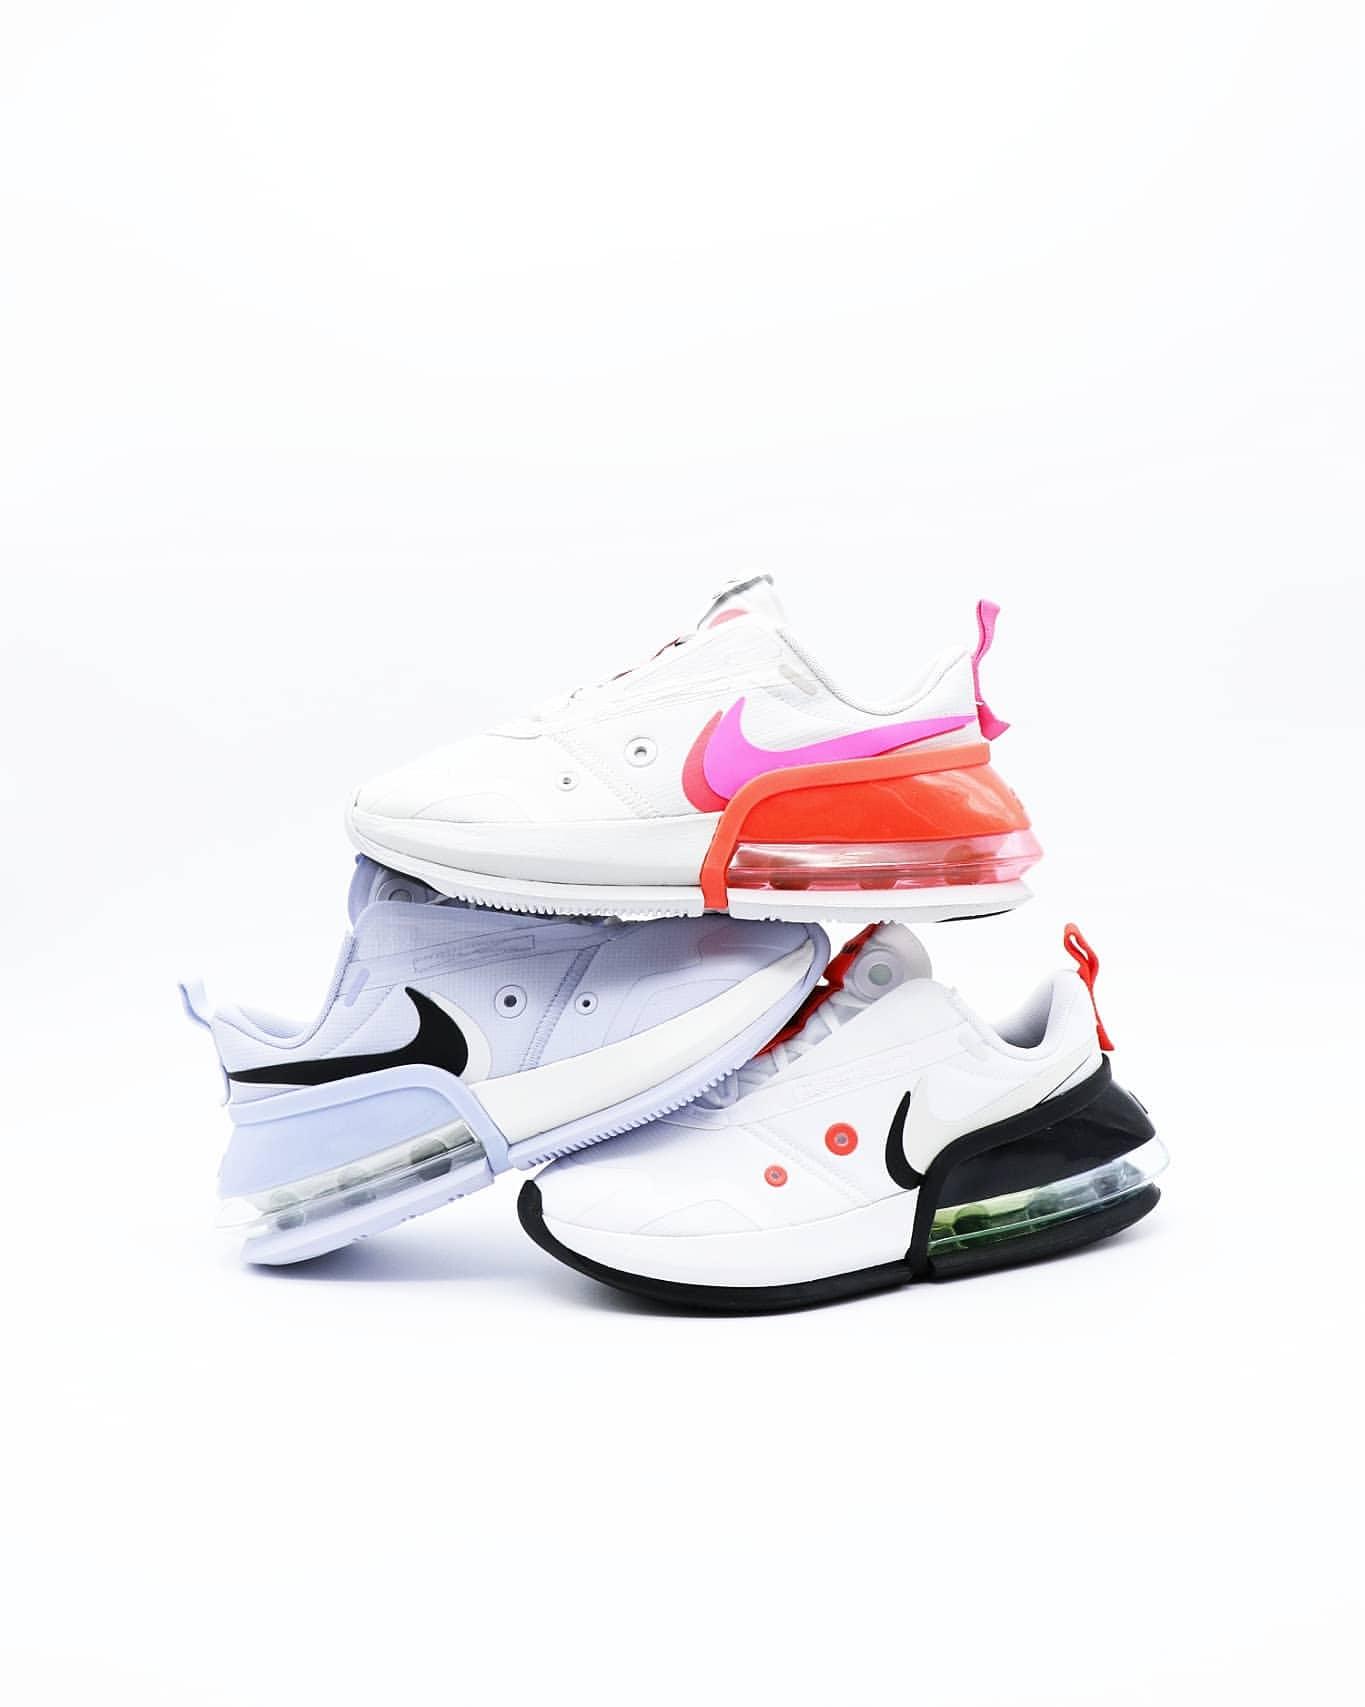 Nike WMNS Air Max Upナイキ ウィメンズ エアマックス アップ CK7173-100 CK7173-001 CK7173-002 set